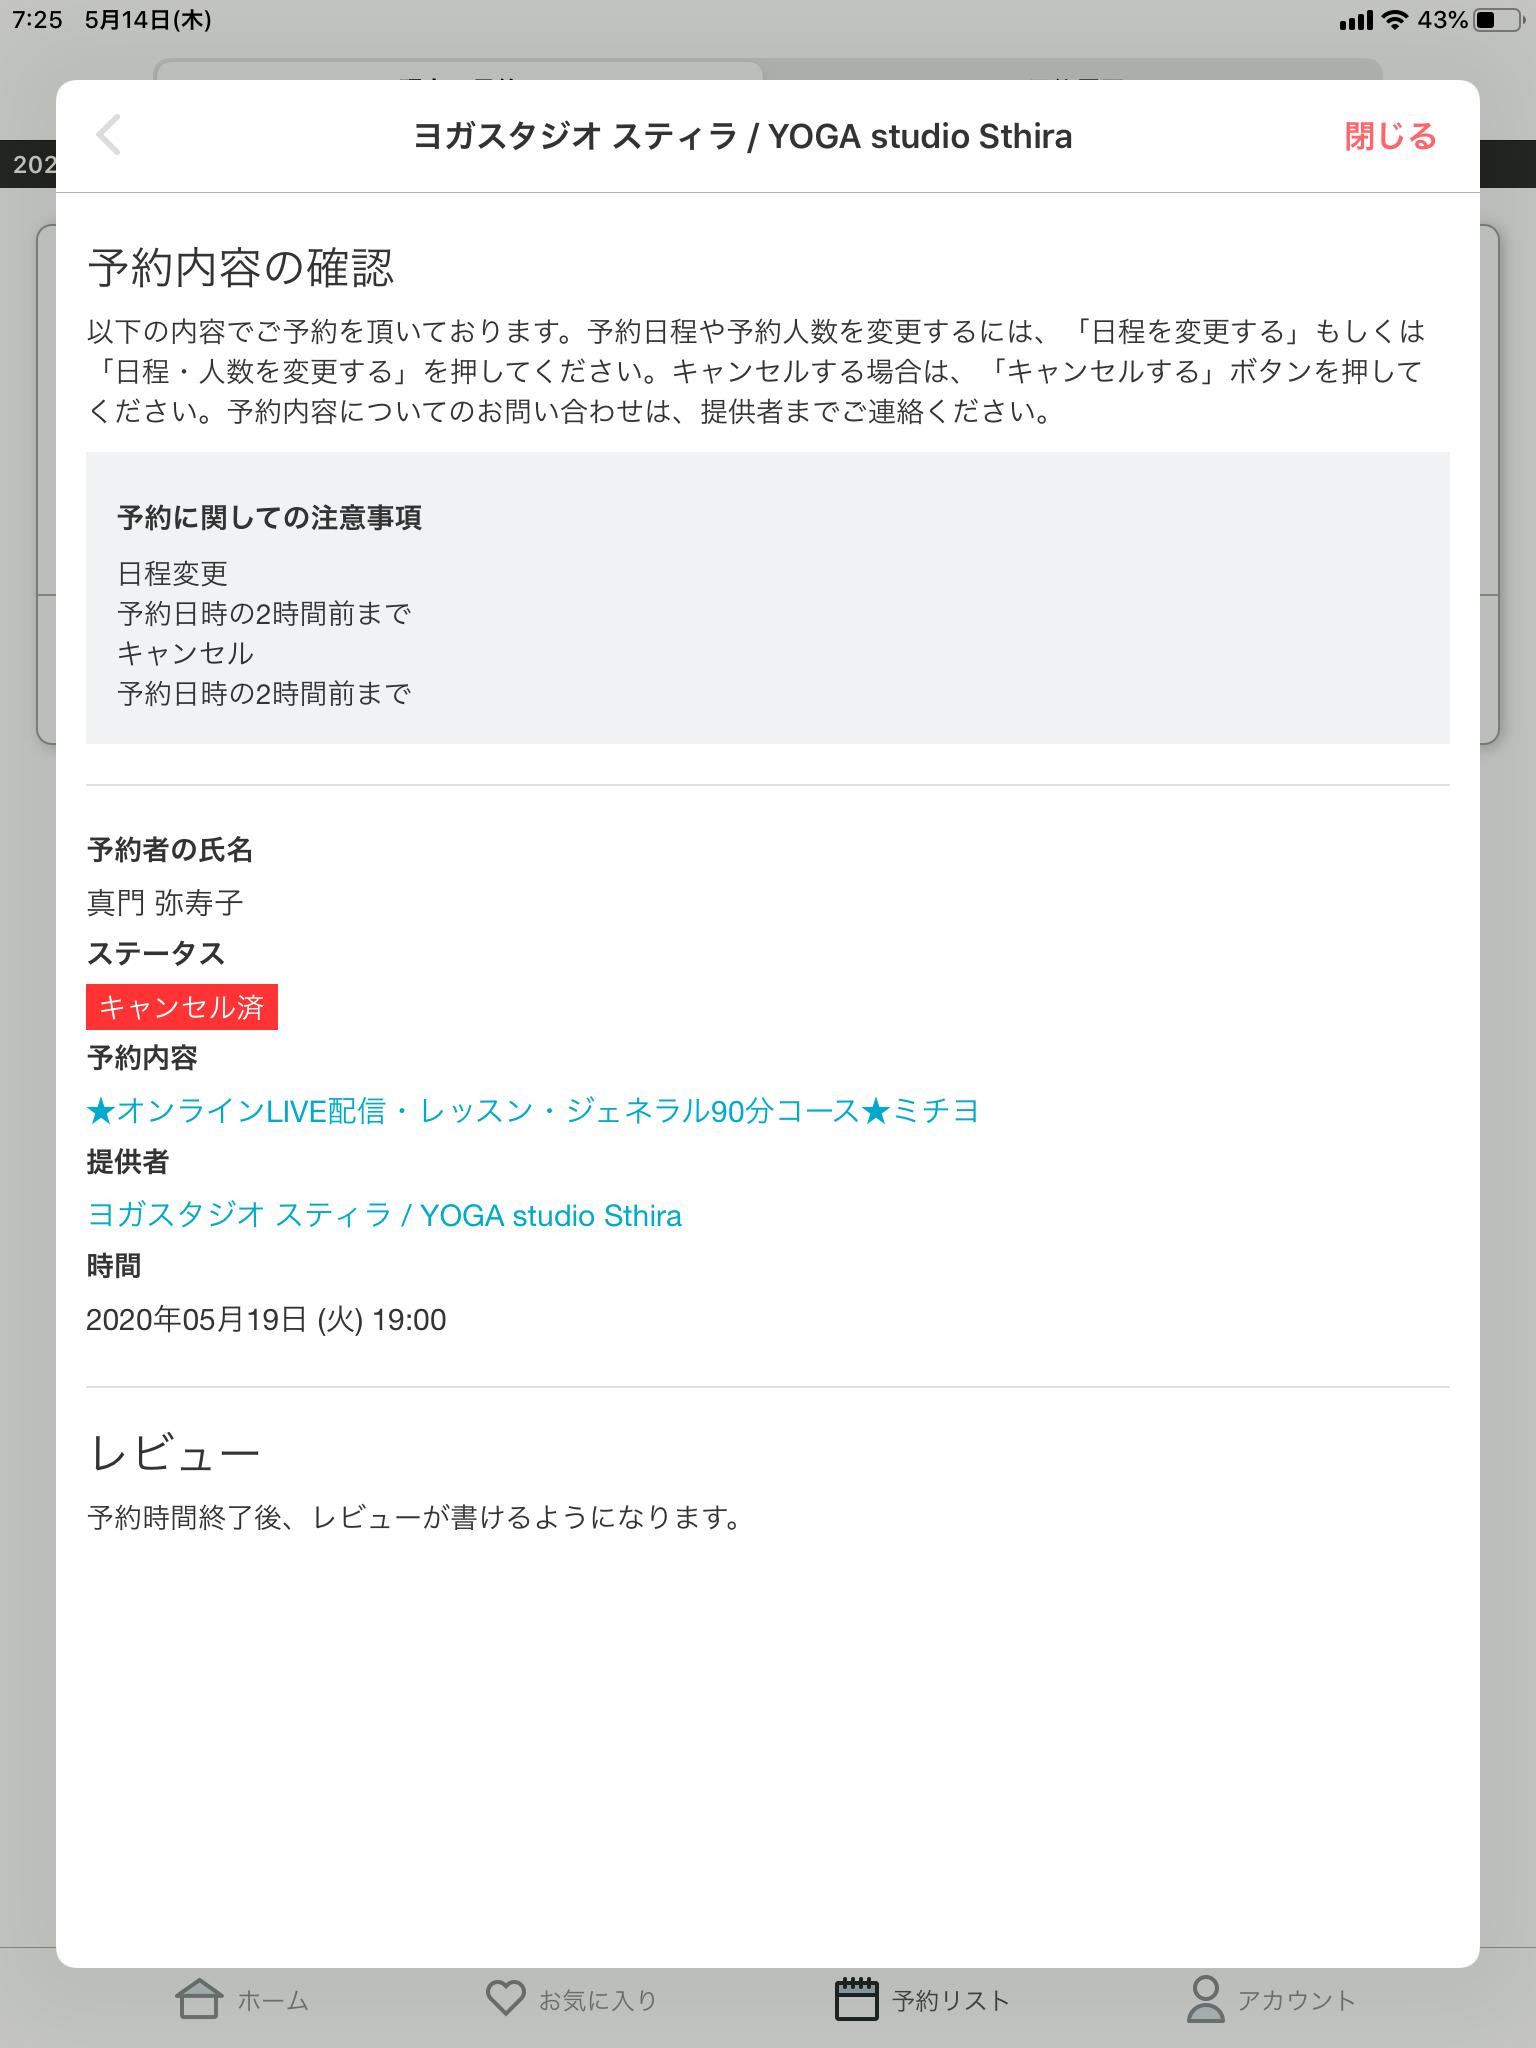 詳細を確認し完了⇒キャンセル確定メールが届きます。